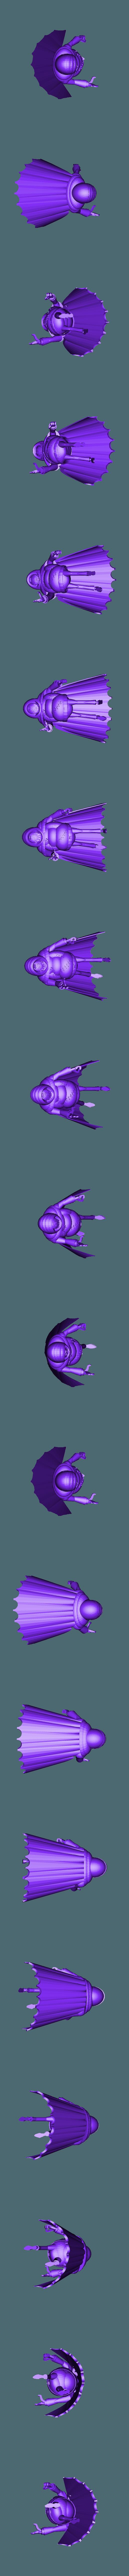 Giles.stl Télécharger fichier STL Giles • Design pour impression 3D, B1nkfish